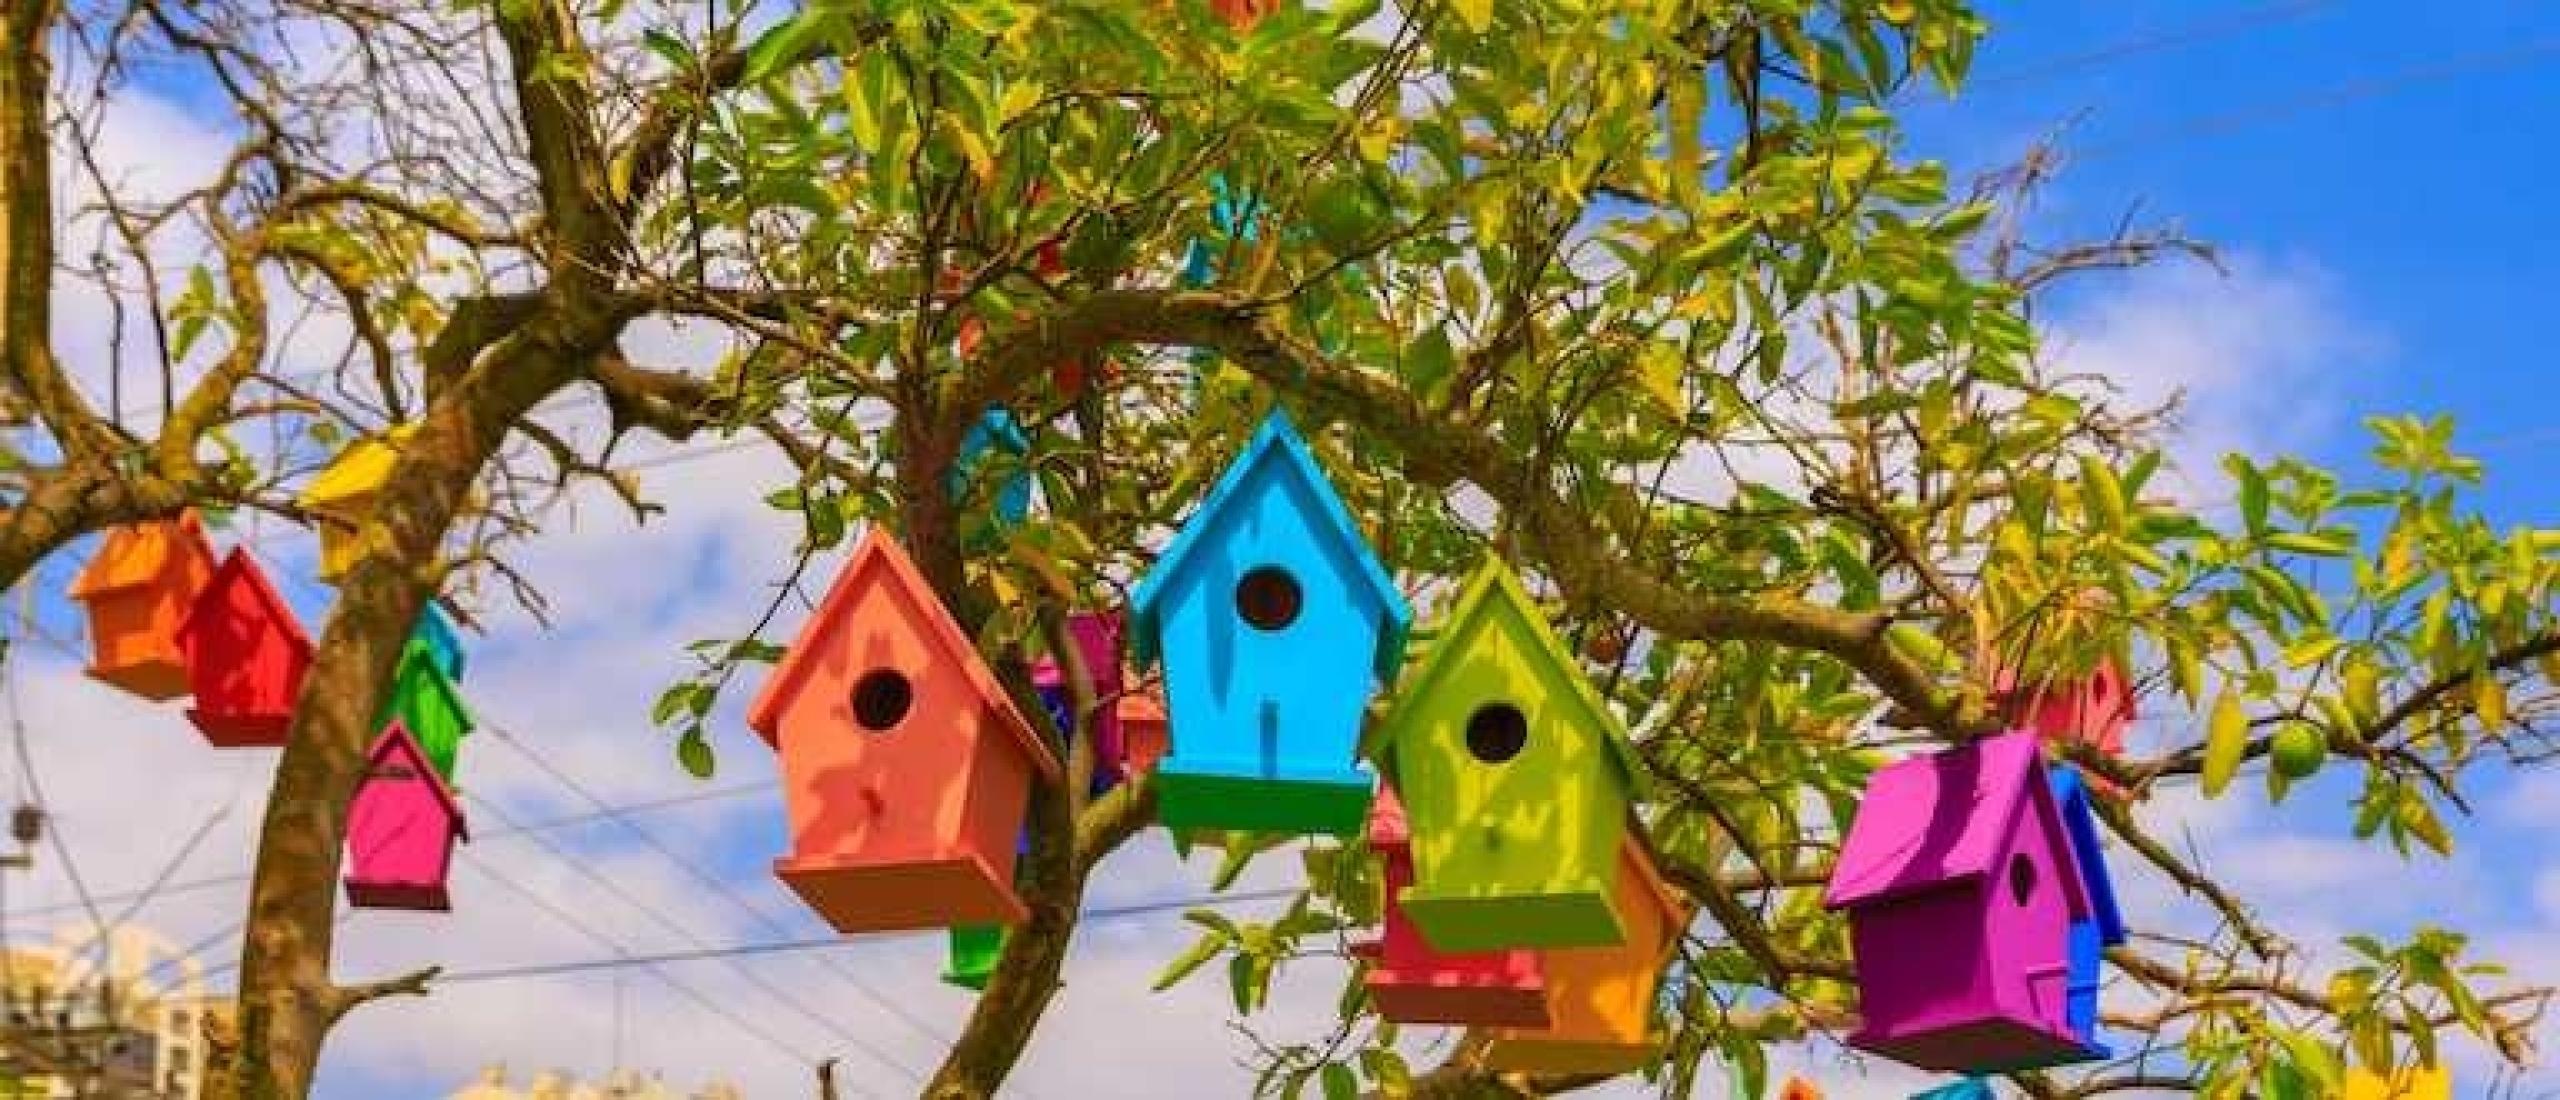 Vogelhuisjes zelf maken is een leuke bezigheid